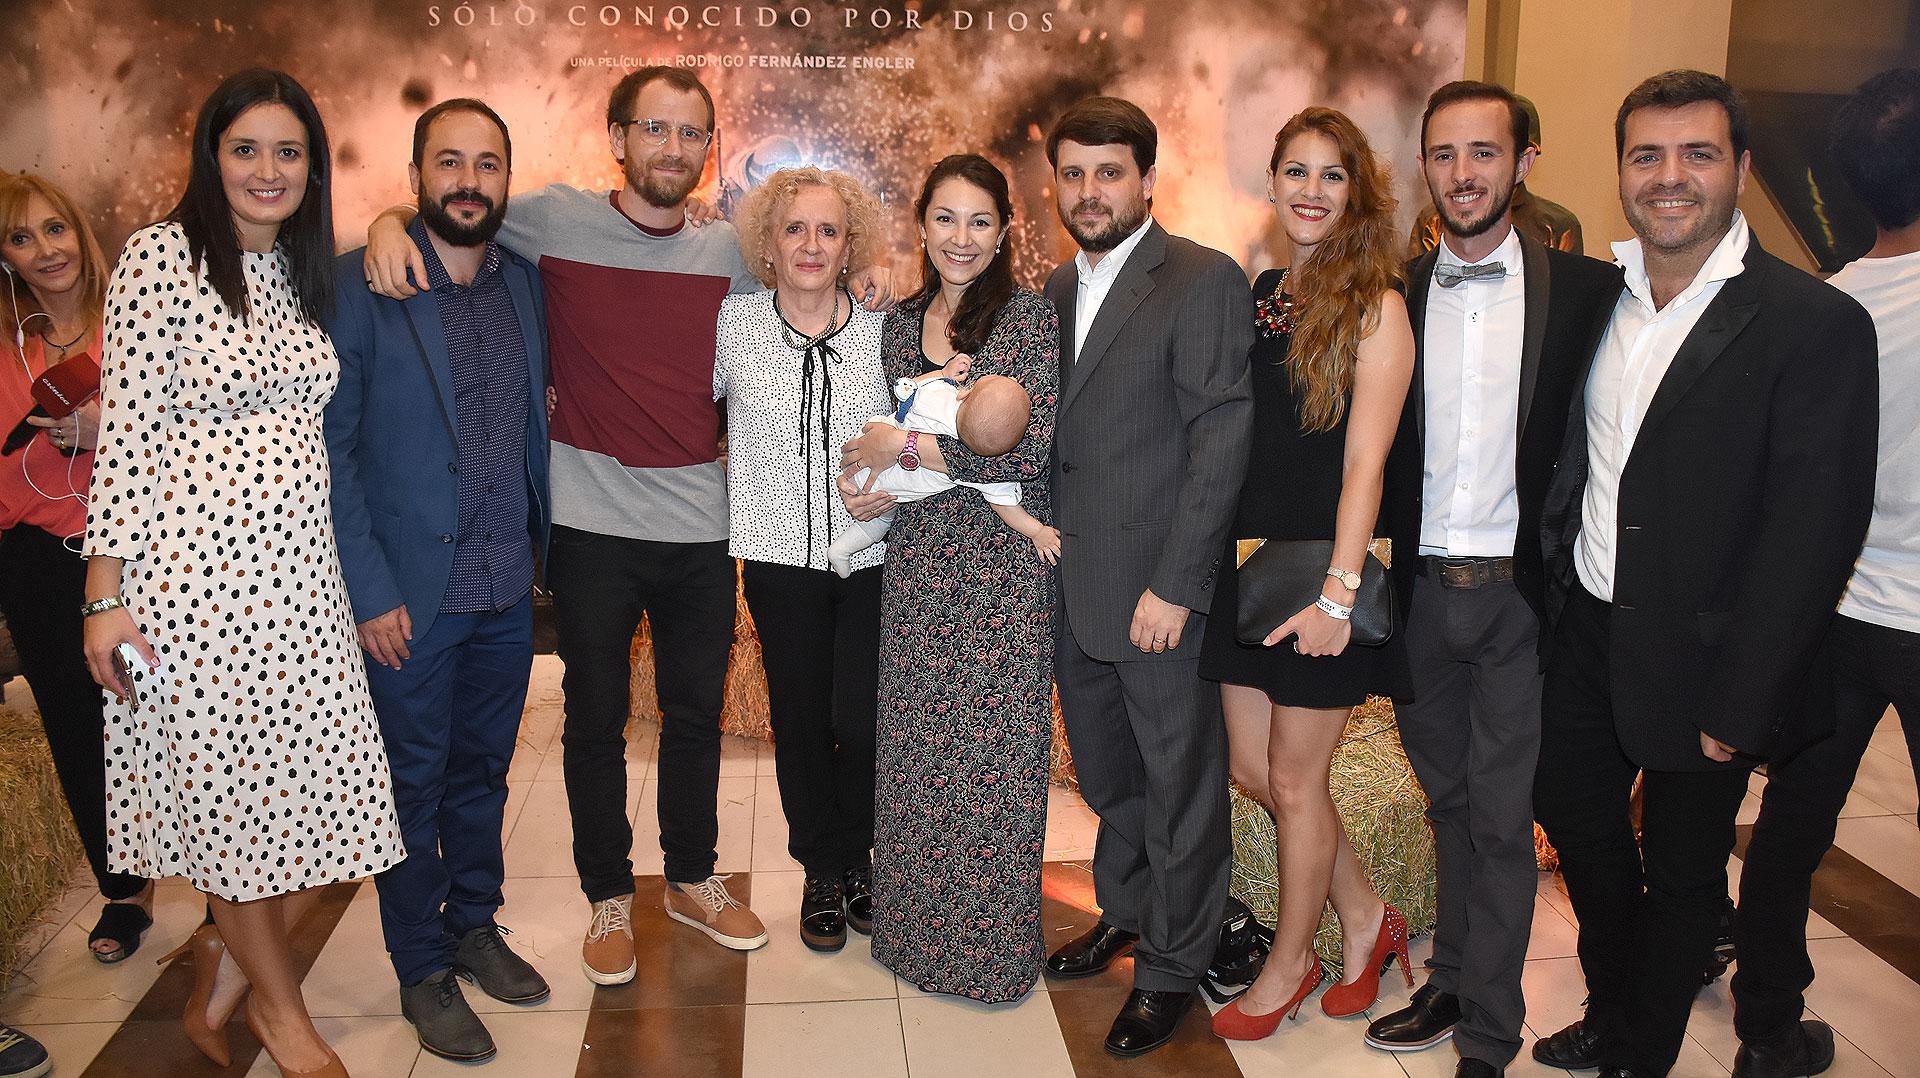 El director, Fernández Engler, junto a su familia